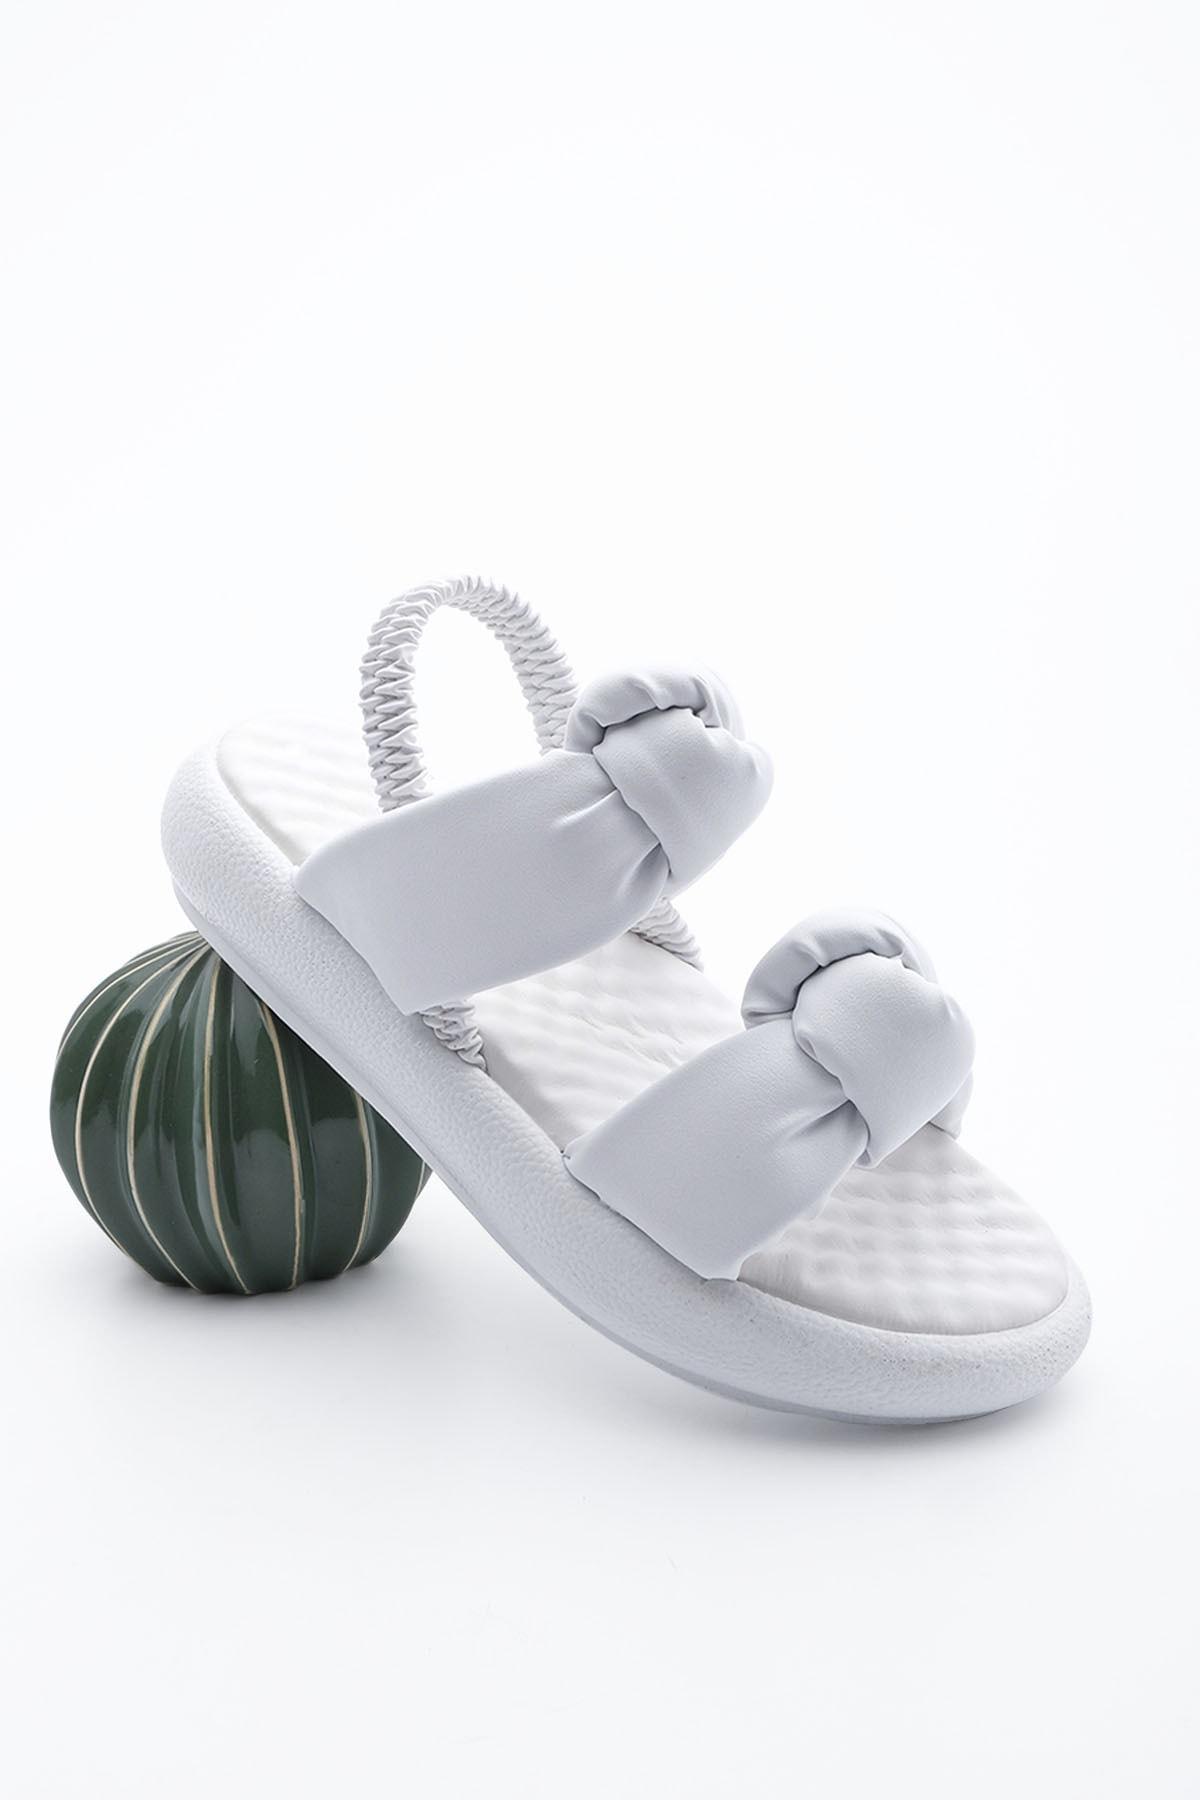 Kadın Dolgu Topuk Sandalet HorevBeyaz